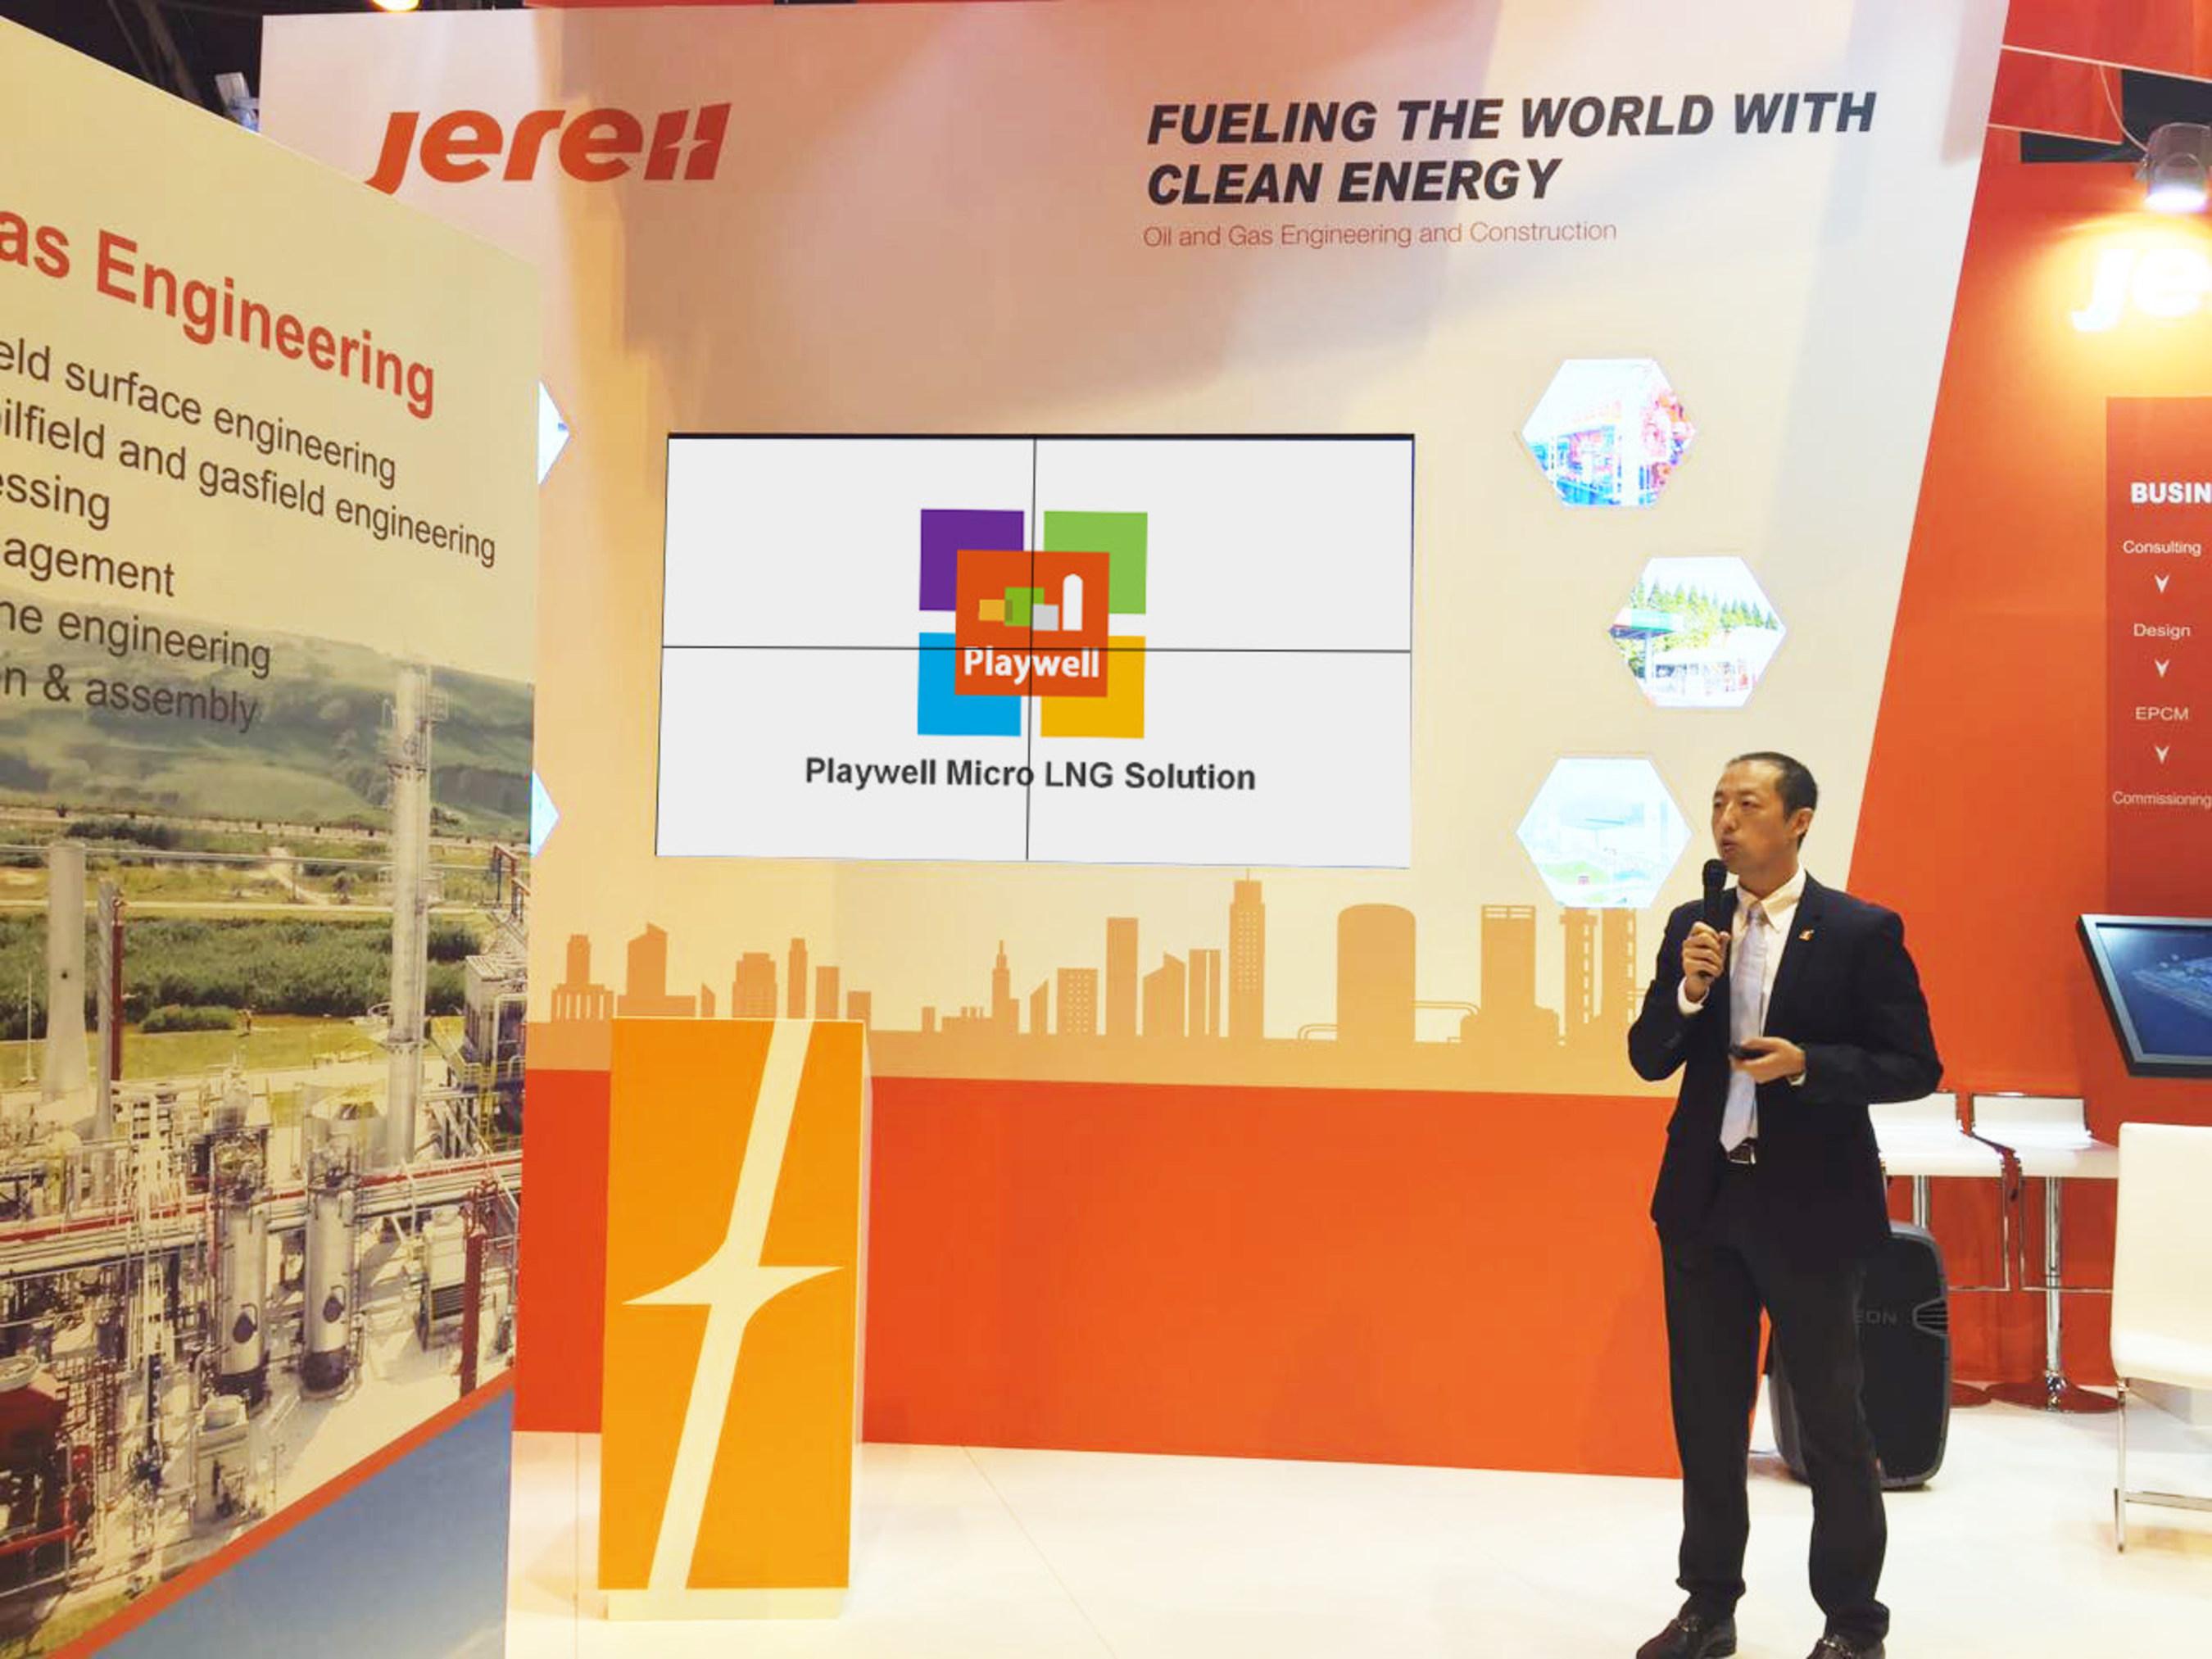 Jereh lanceert Playwell Micro LNG- oplossing op WGC